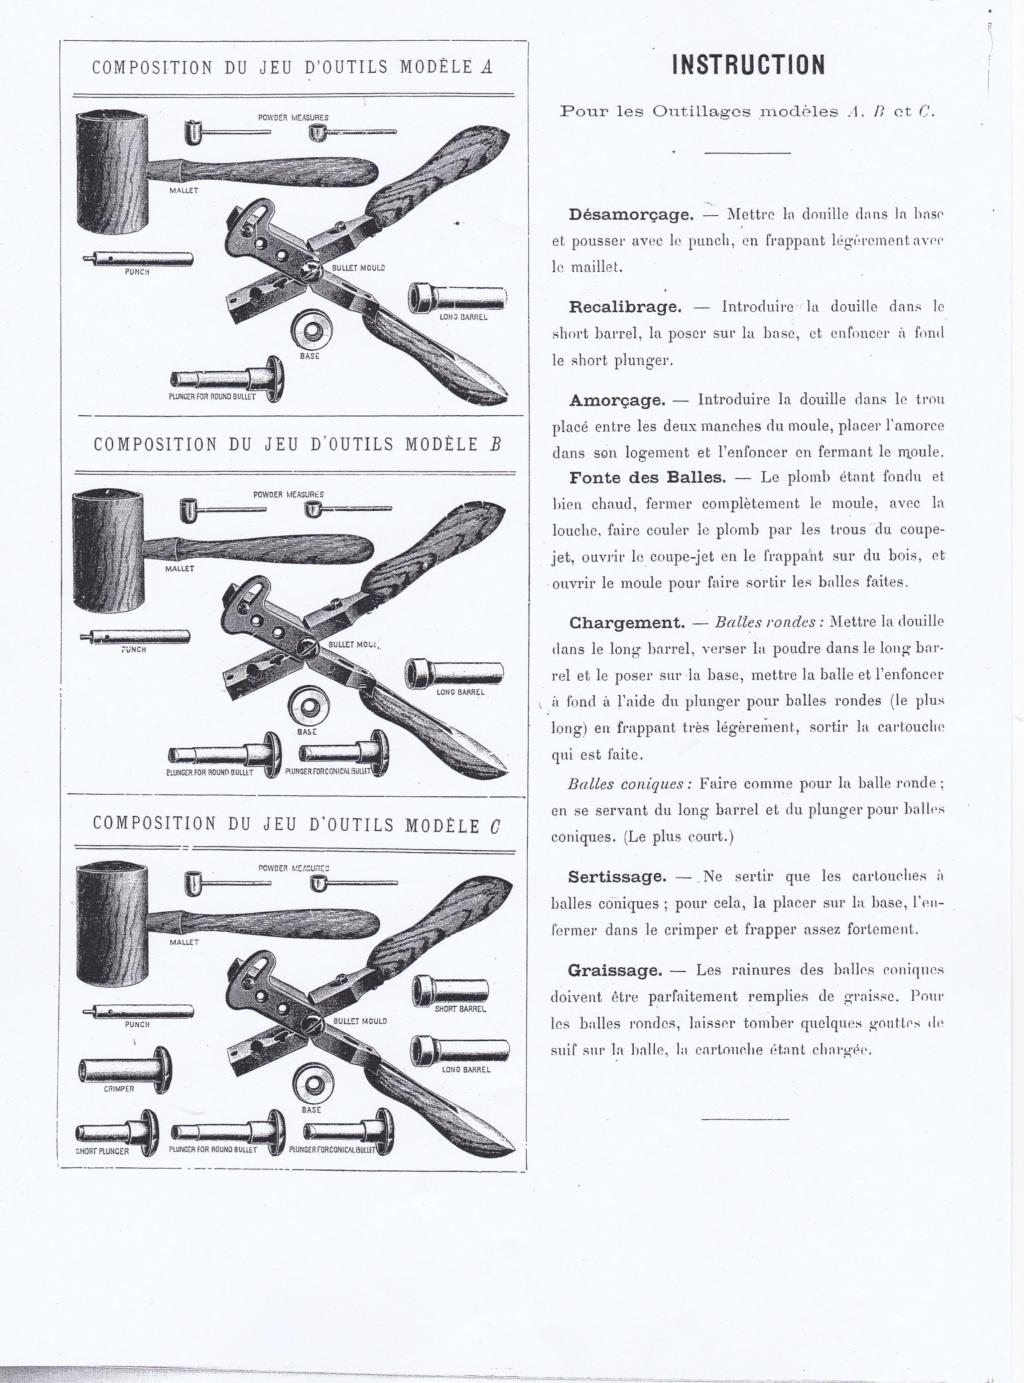 44 russian - rechargement PN avec les outils d'époque - Page 4 Jo_rec13